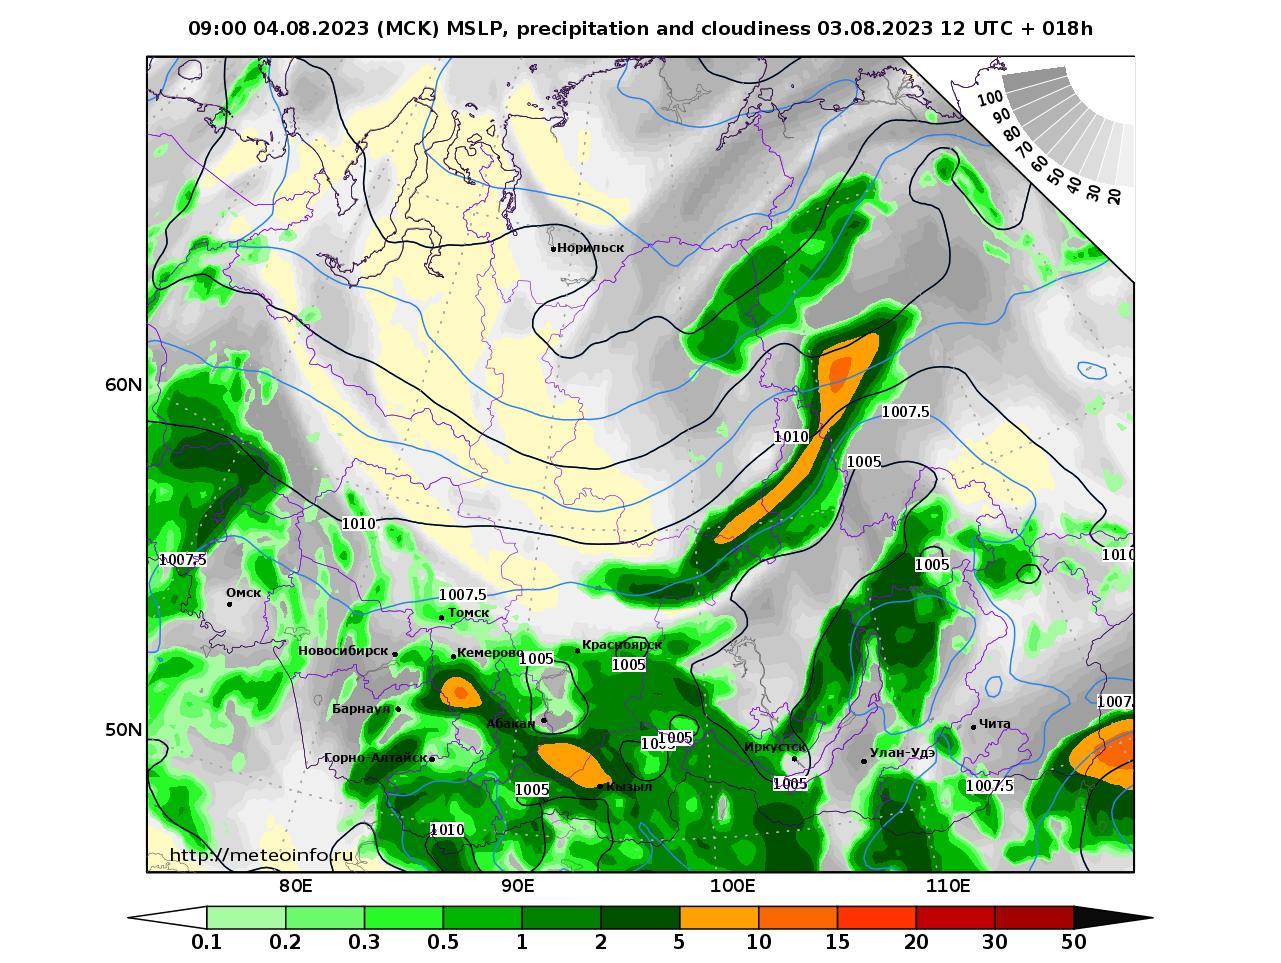 Сибирский Федеральный округ, прогностическая карта осадки и давление, заблаговременность прогноза 18 часов